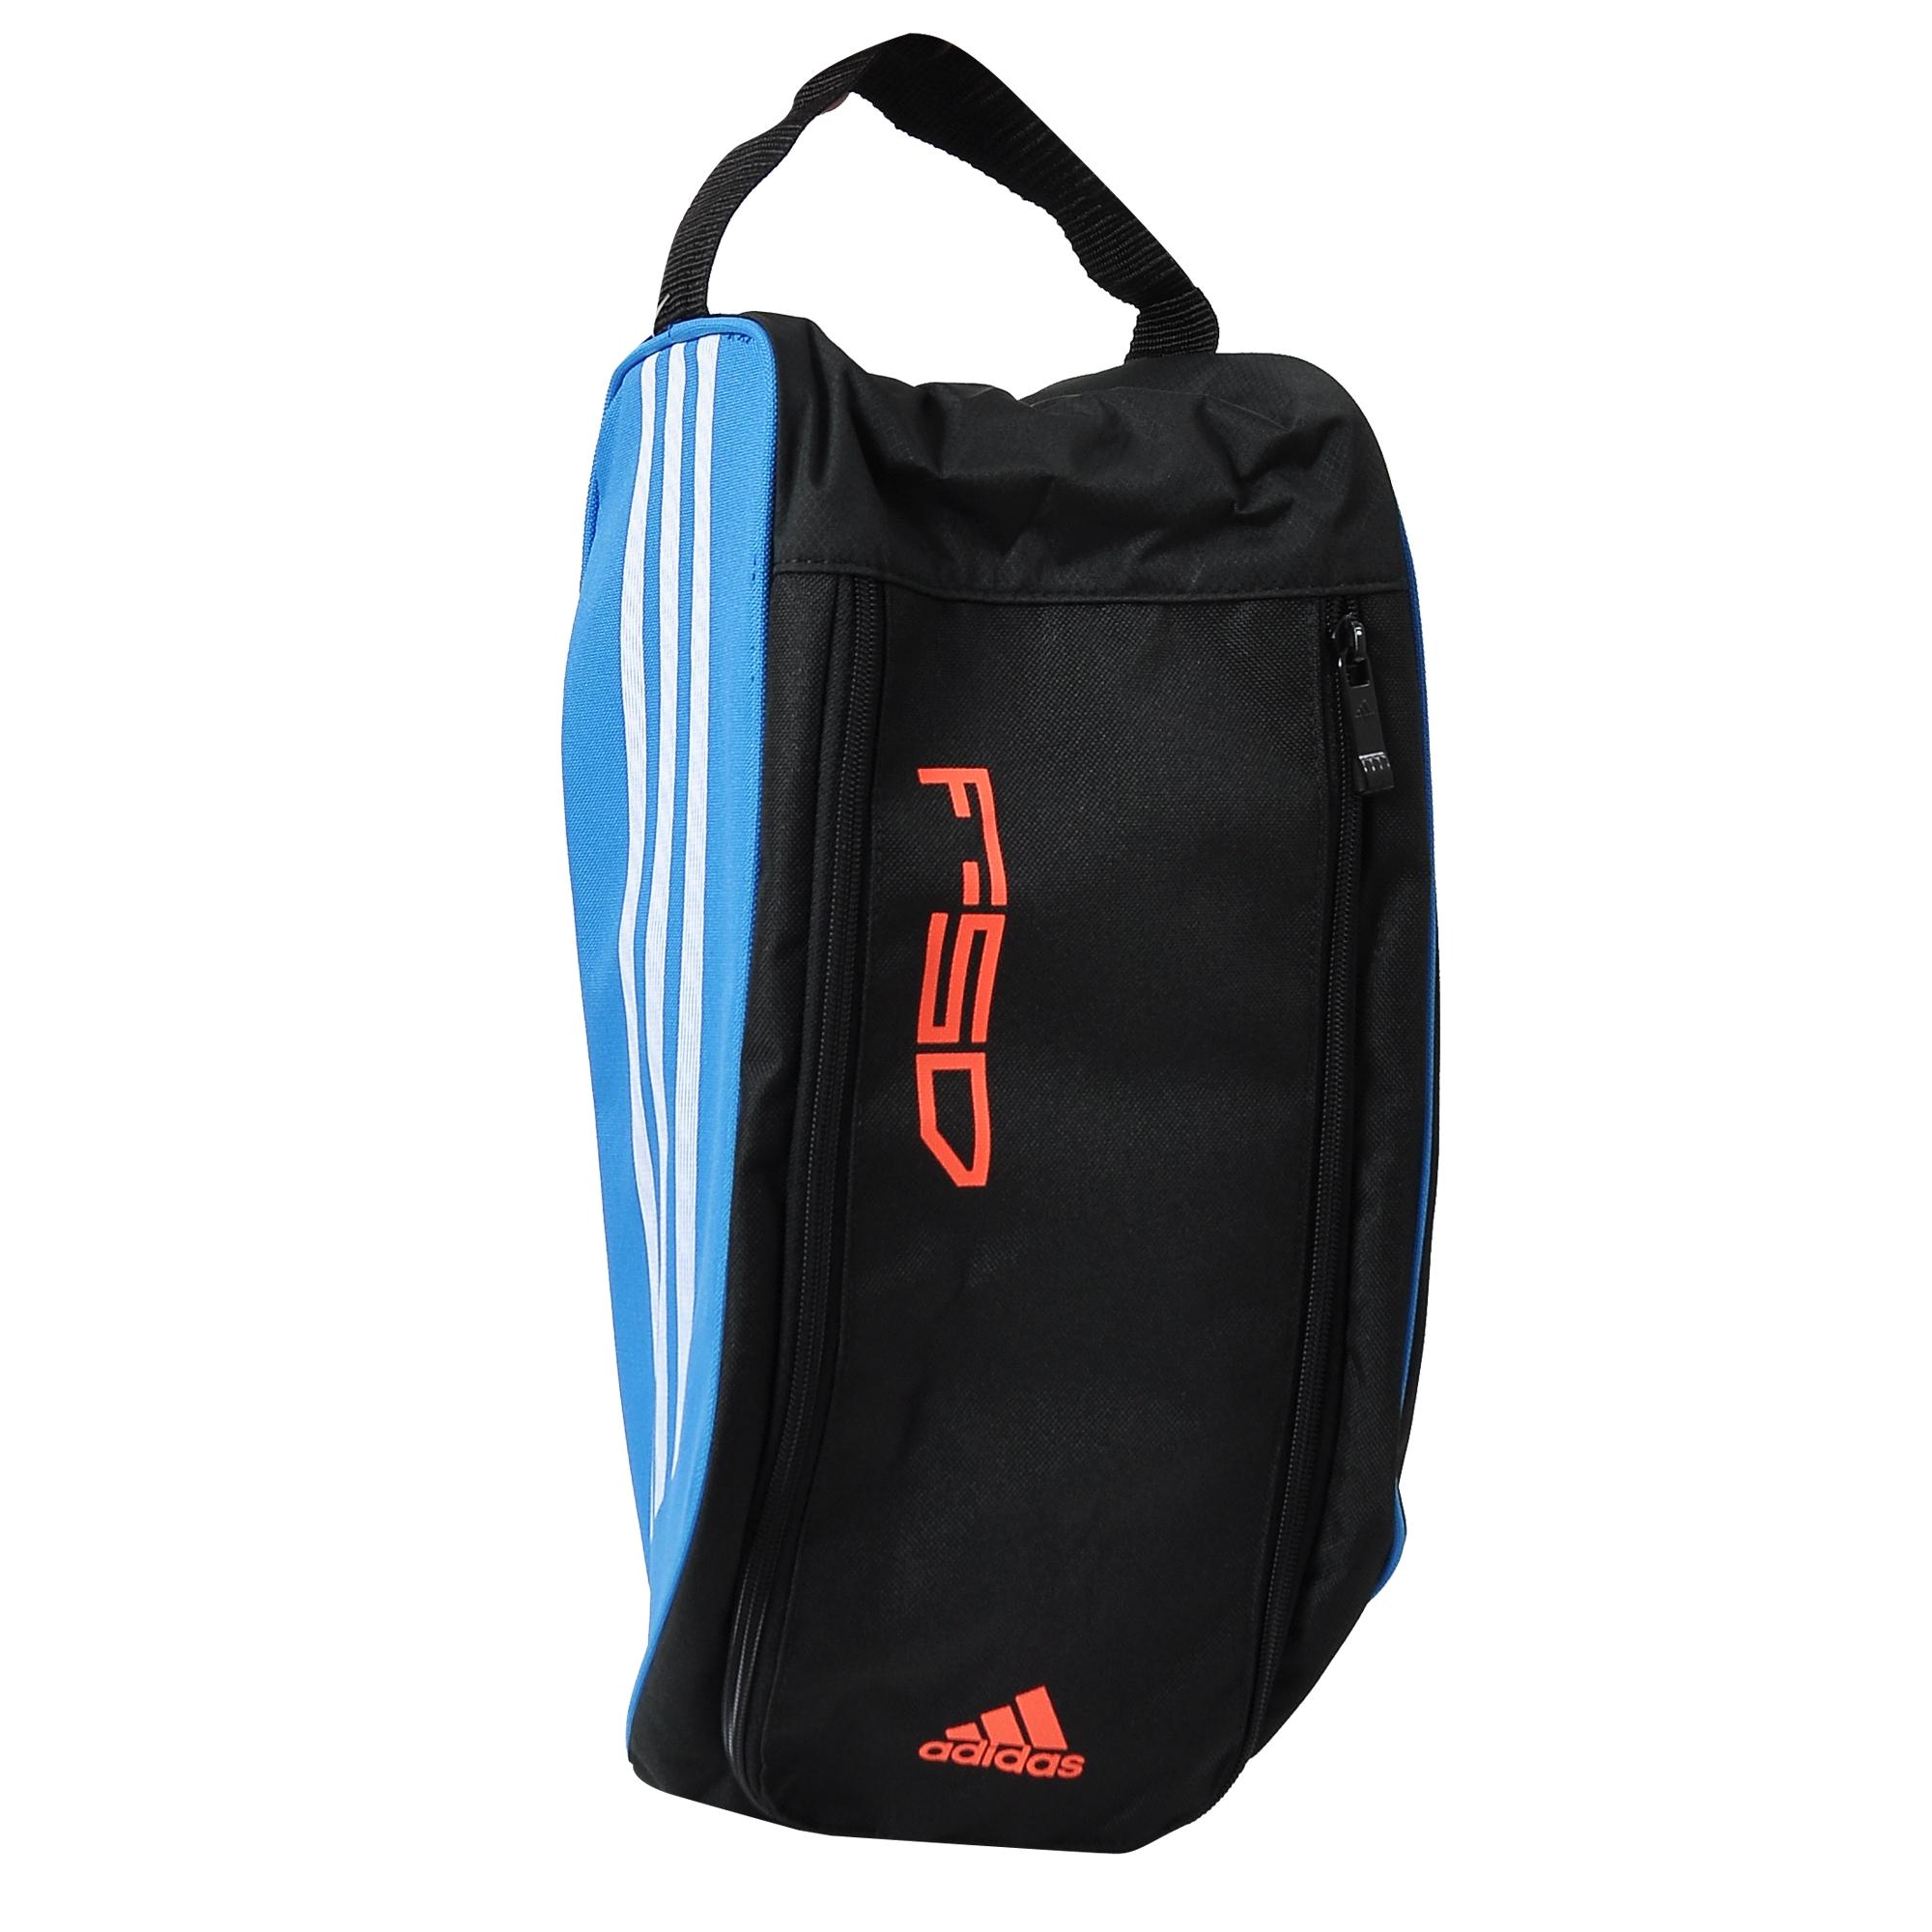 adidas F50 Shoe Bag Ayakkabı Çantası  W41055 - Barcin.com d1c965230a7af